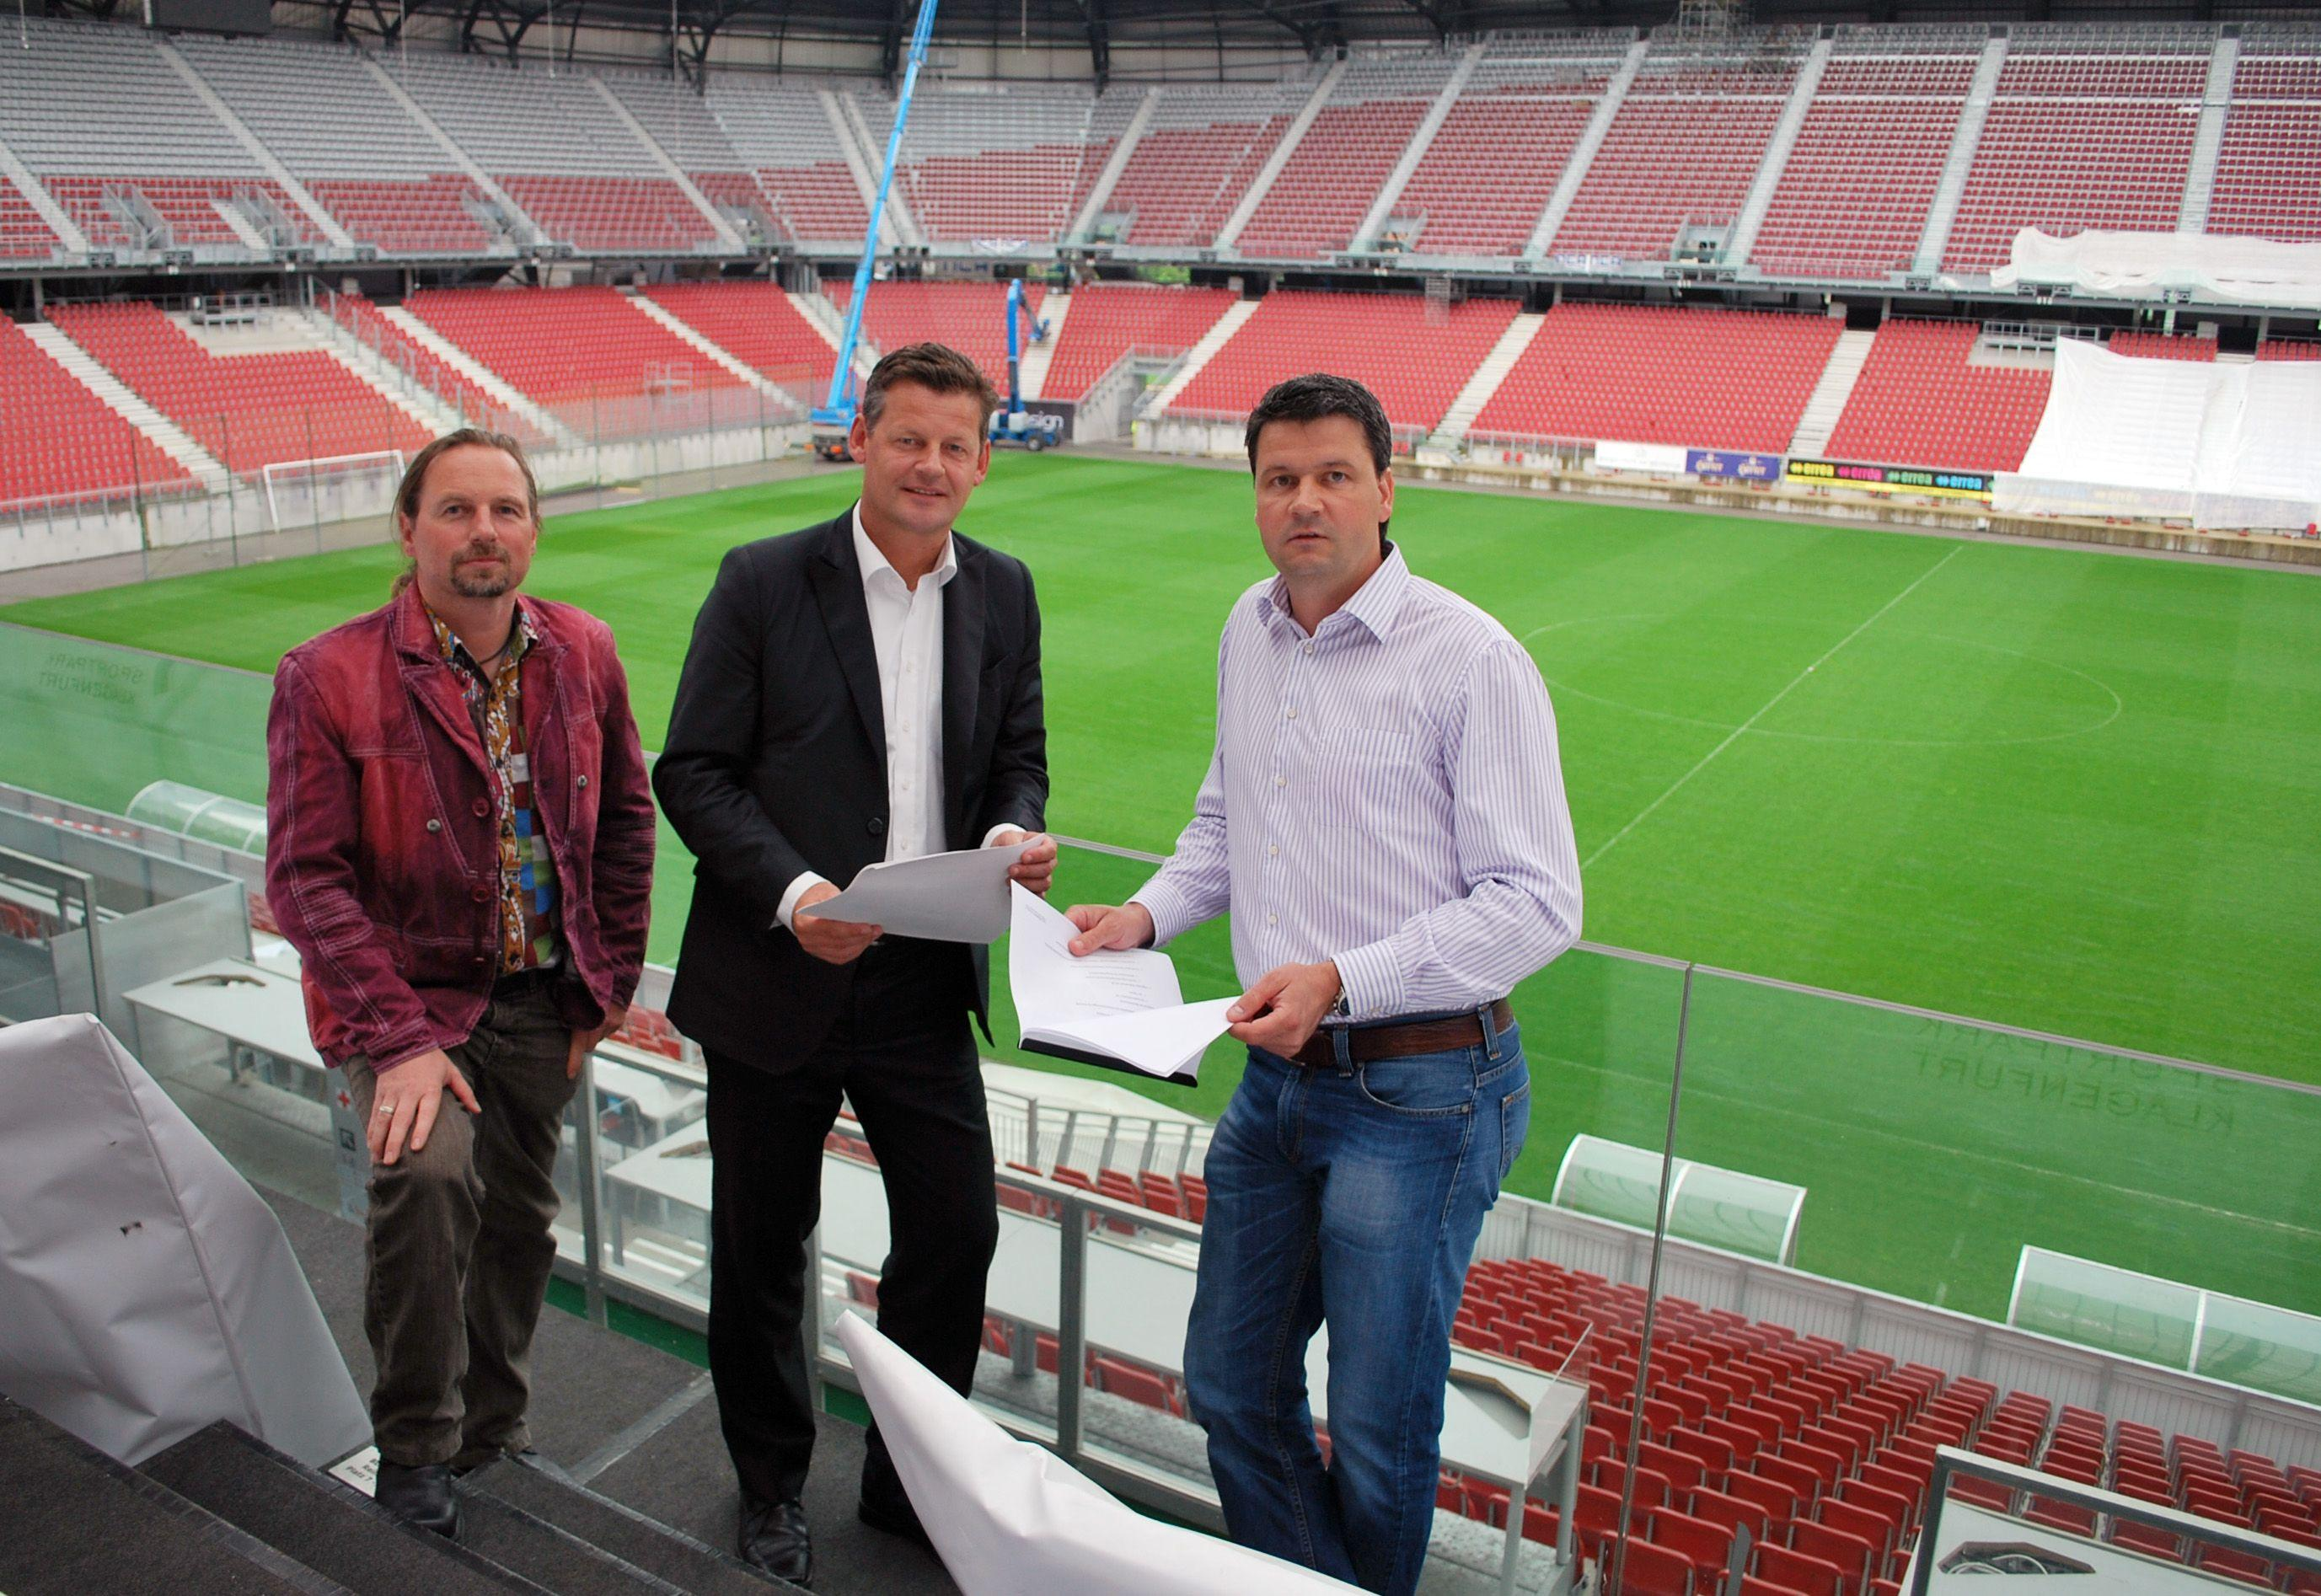 Klagenfurter Stadionmacher Gert Unterköfler an Corona gestorben